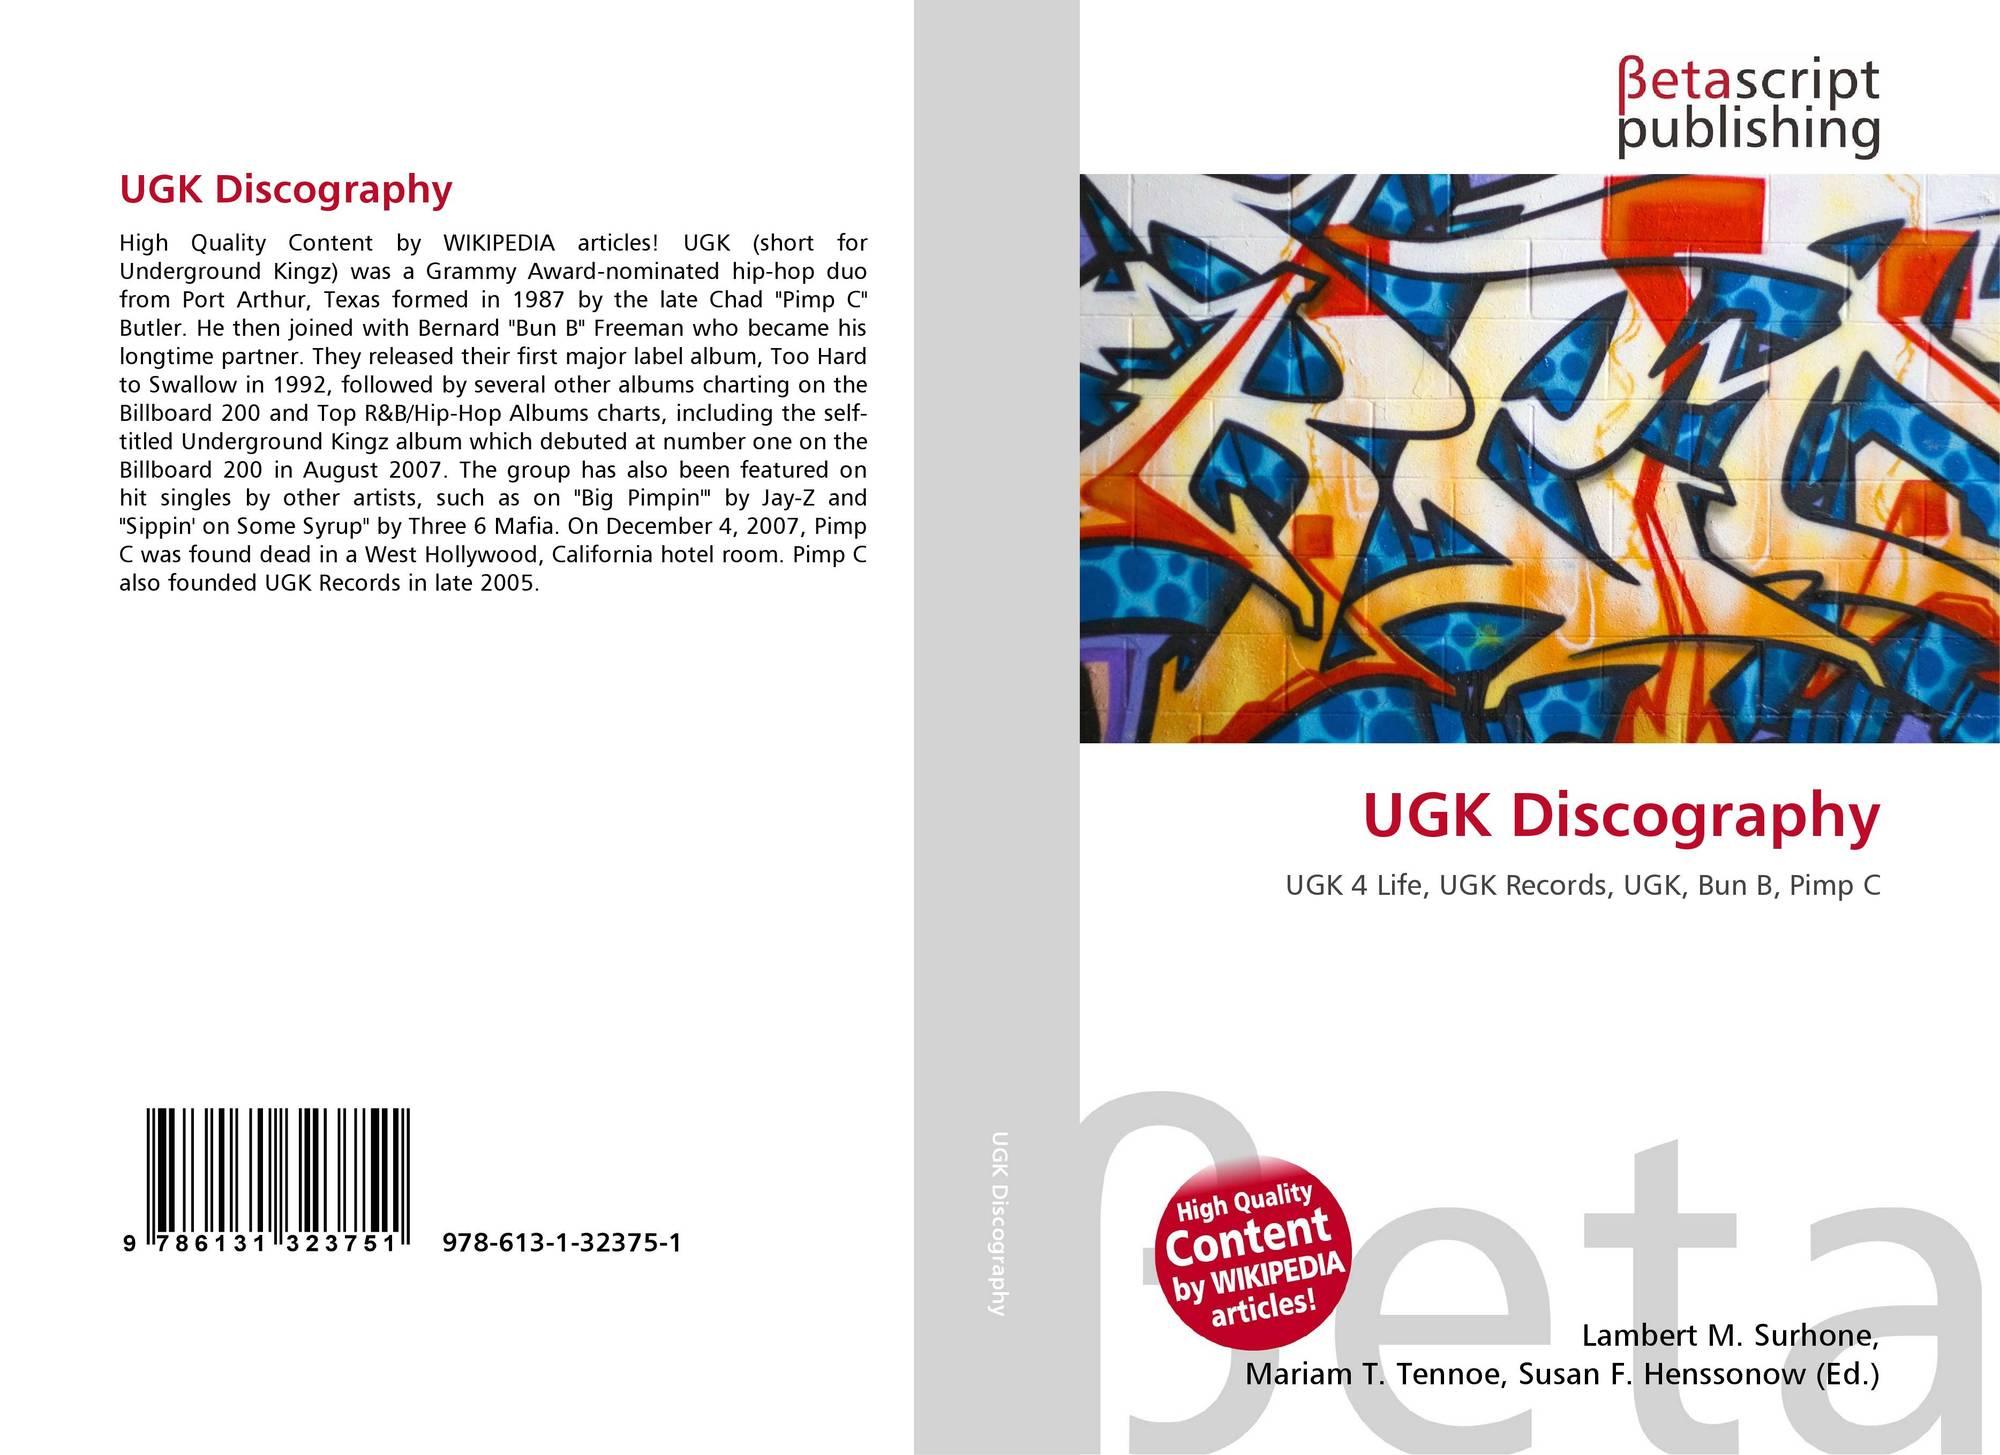 UGK Discography, 978-613-1-32375-1, 6131323755 ,9786131323751